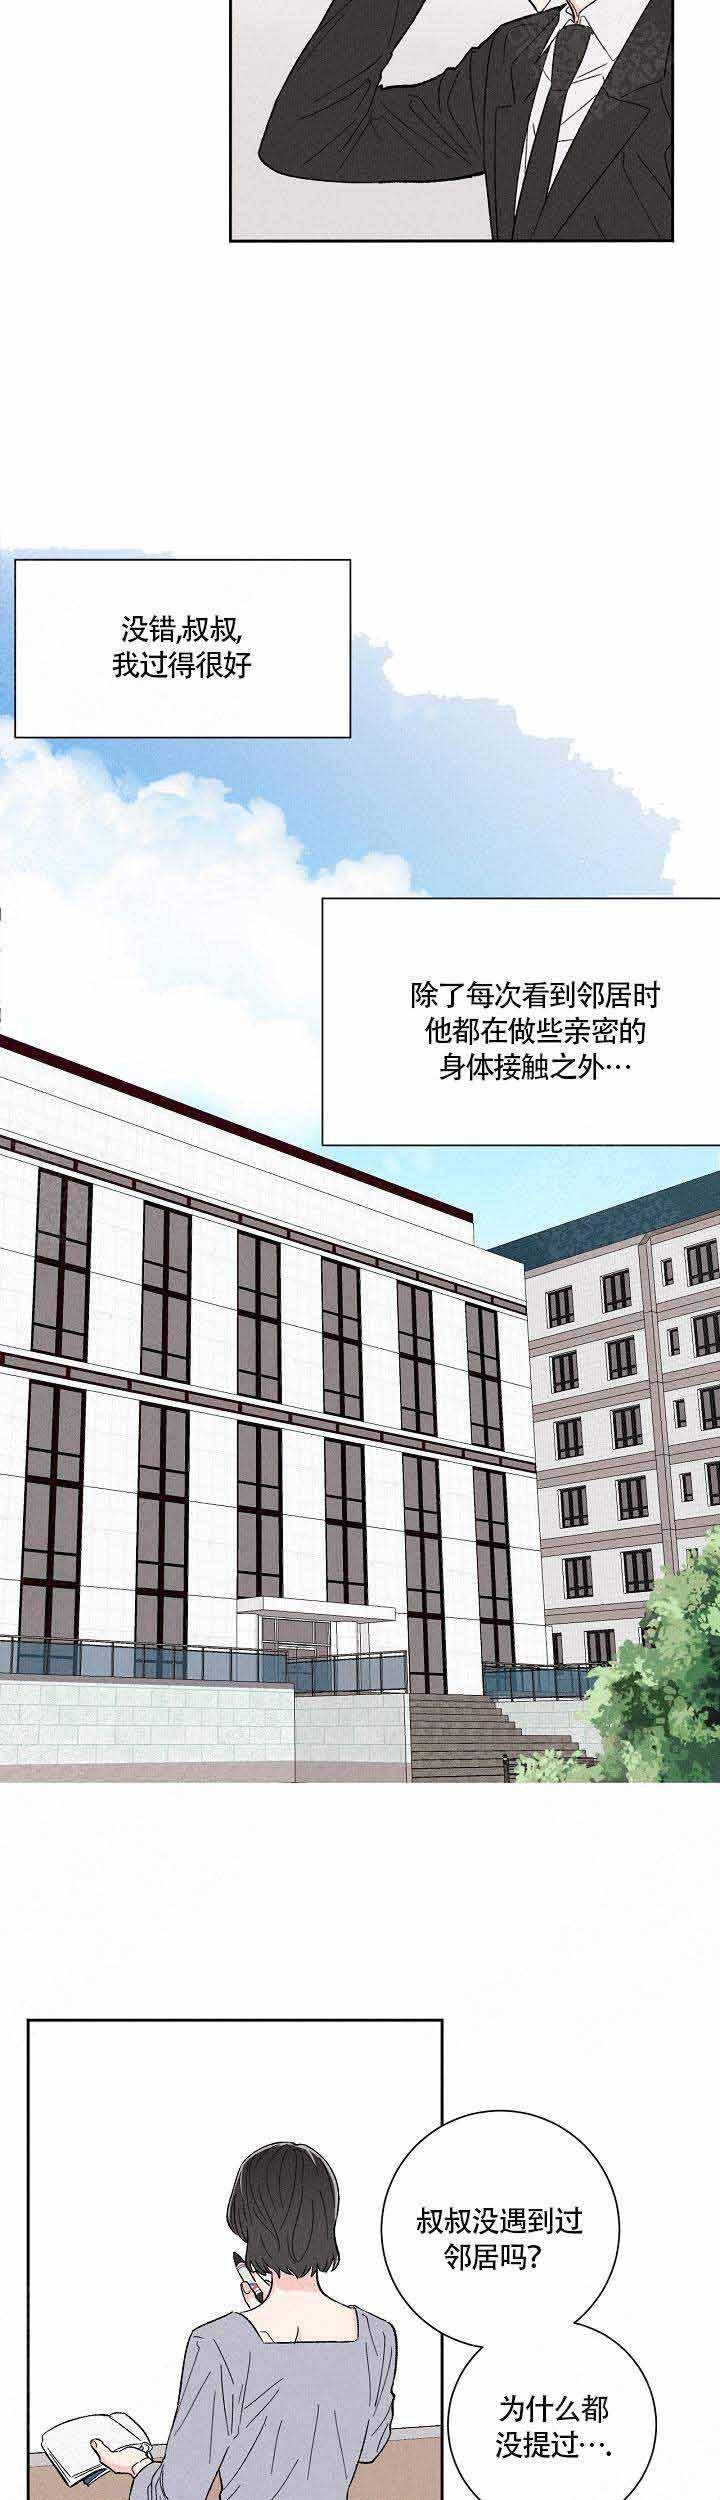 新上漫画《邻居是我的命运吗》在线阅读